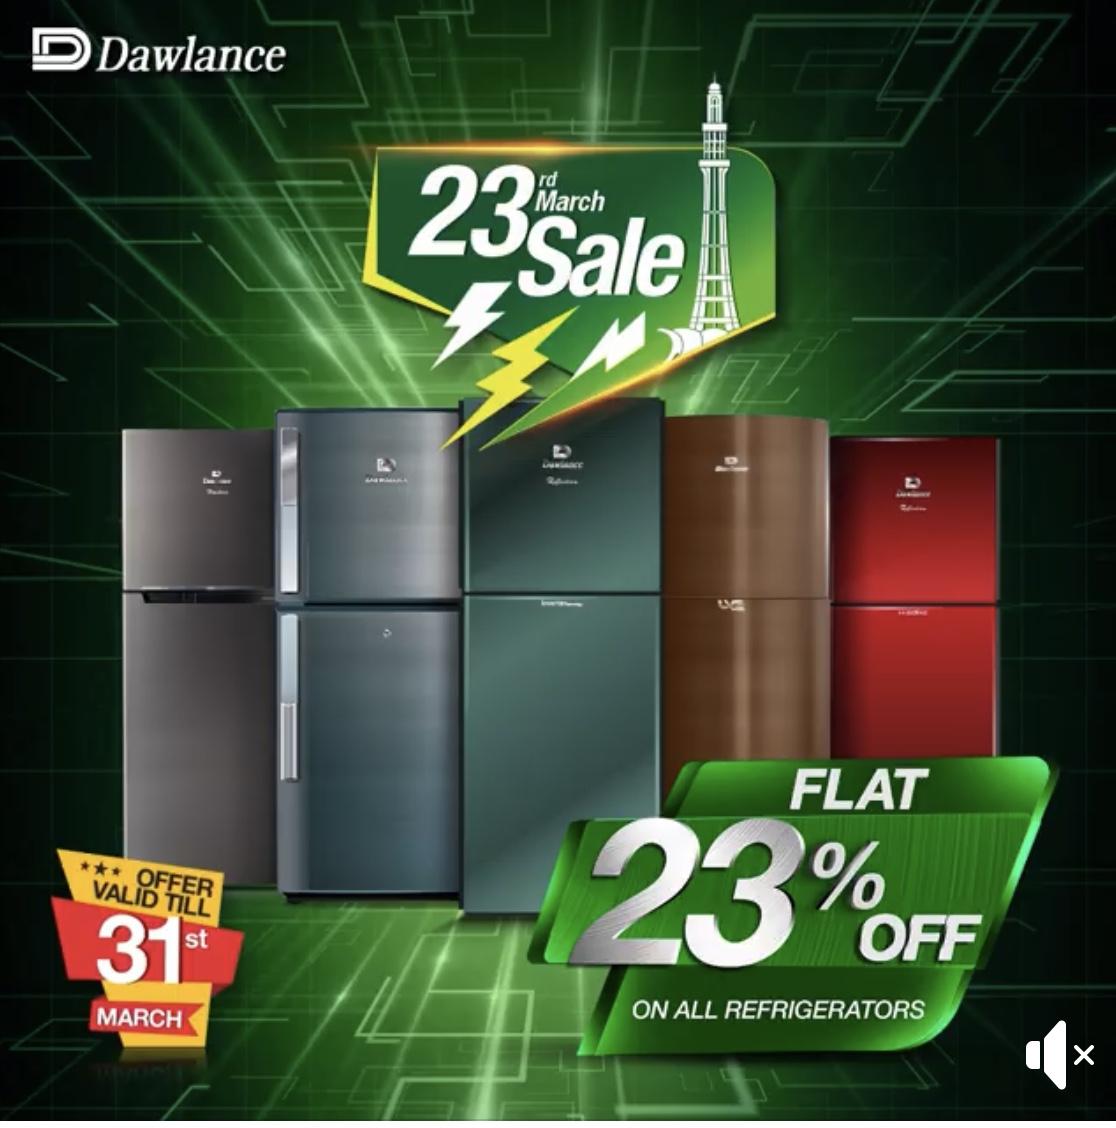 Dawlance  - Refrigrators On Sale